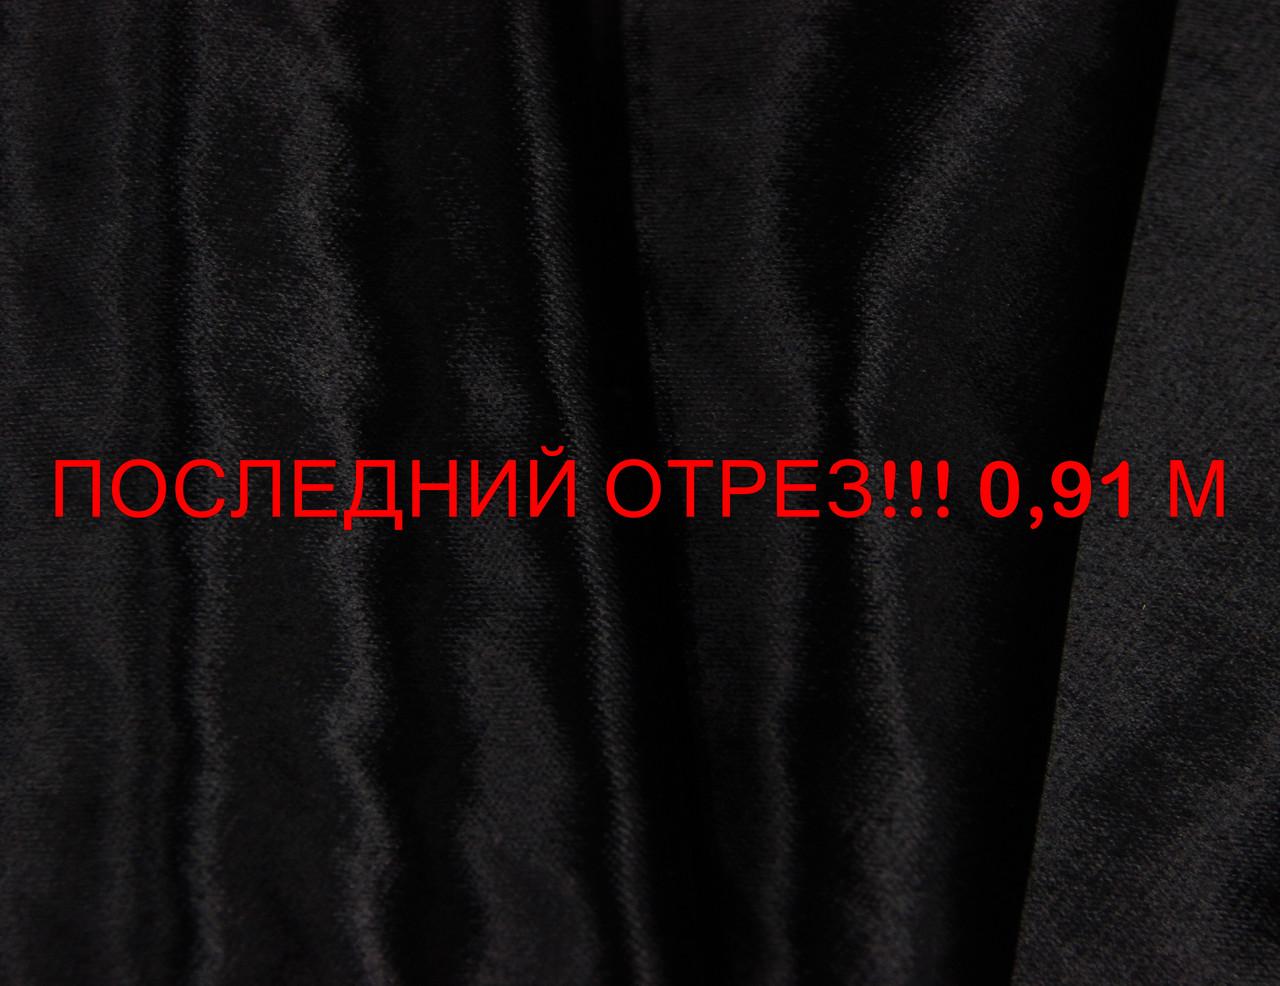 Последний отрез 0,91м. Бархат итальянский вискозно шёлковый натуральный черного цвета однотонный G 360